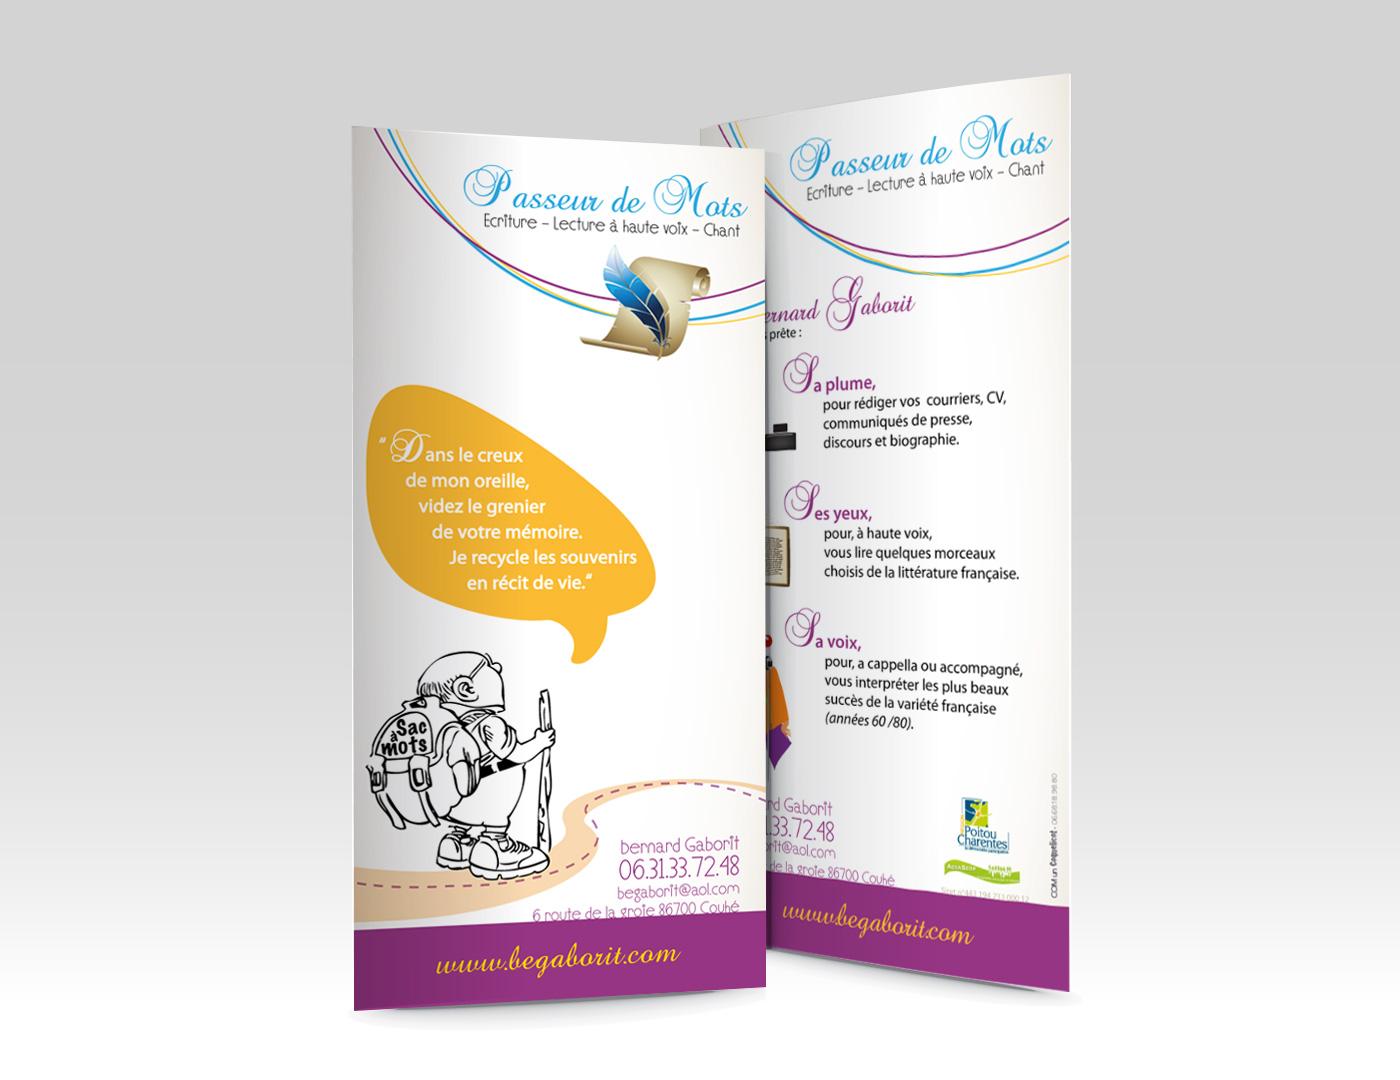 Passeur2mots-flyer